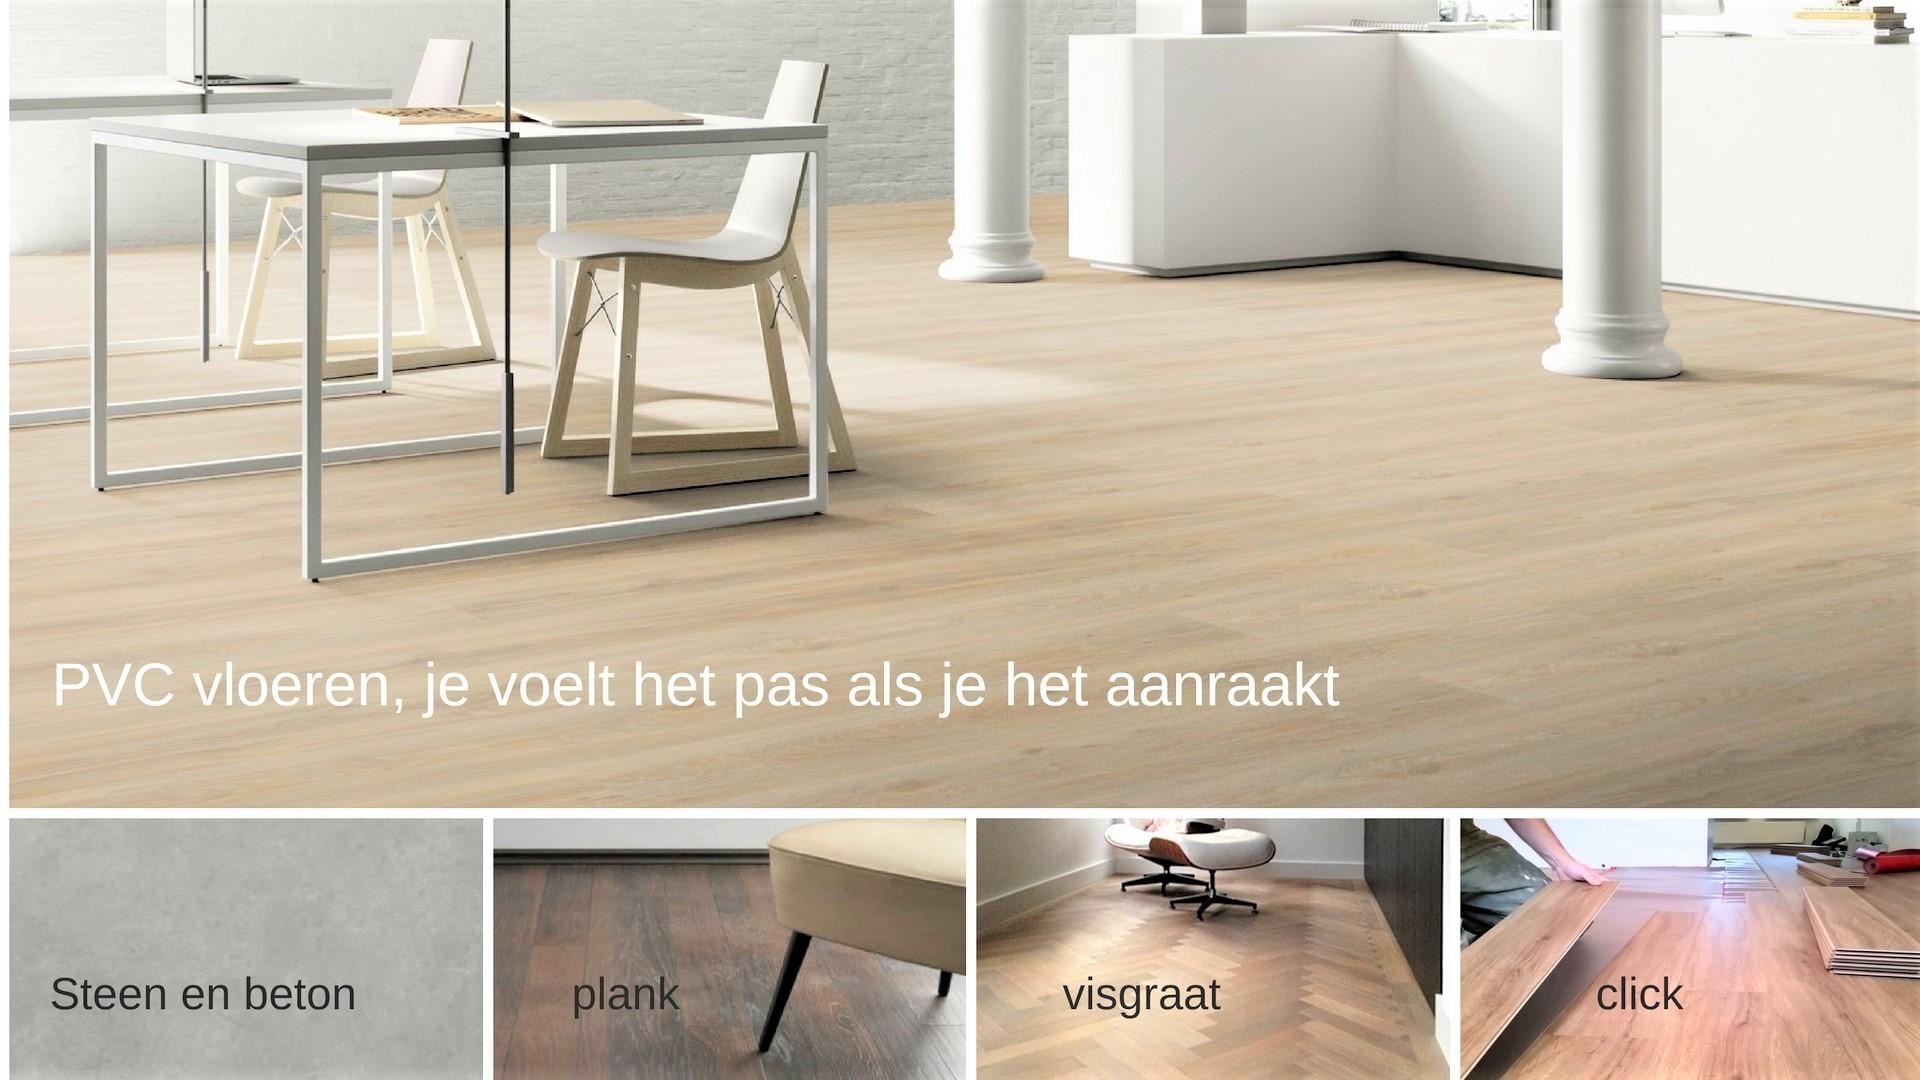 Verschil Marmoleum Linoleum : Maatwerk voor de vloer van soest woonwinkel